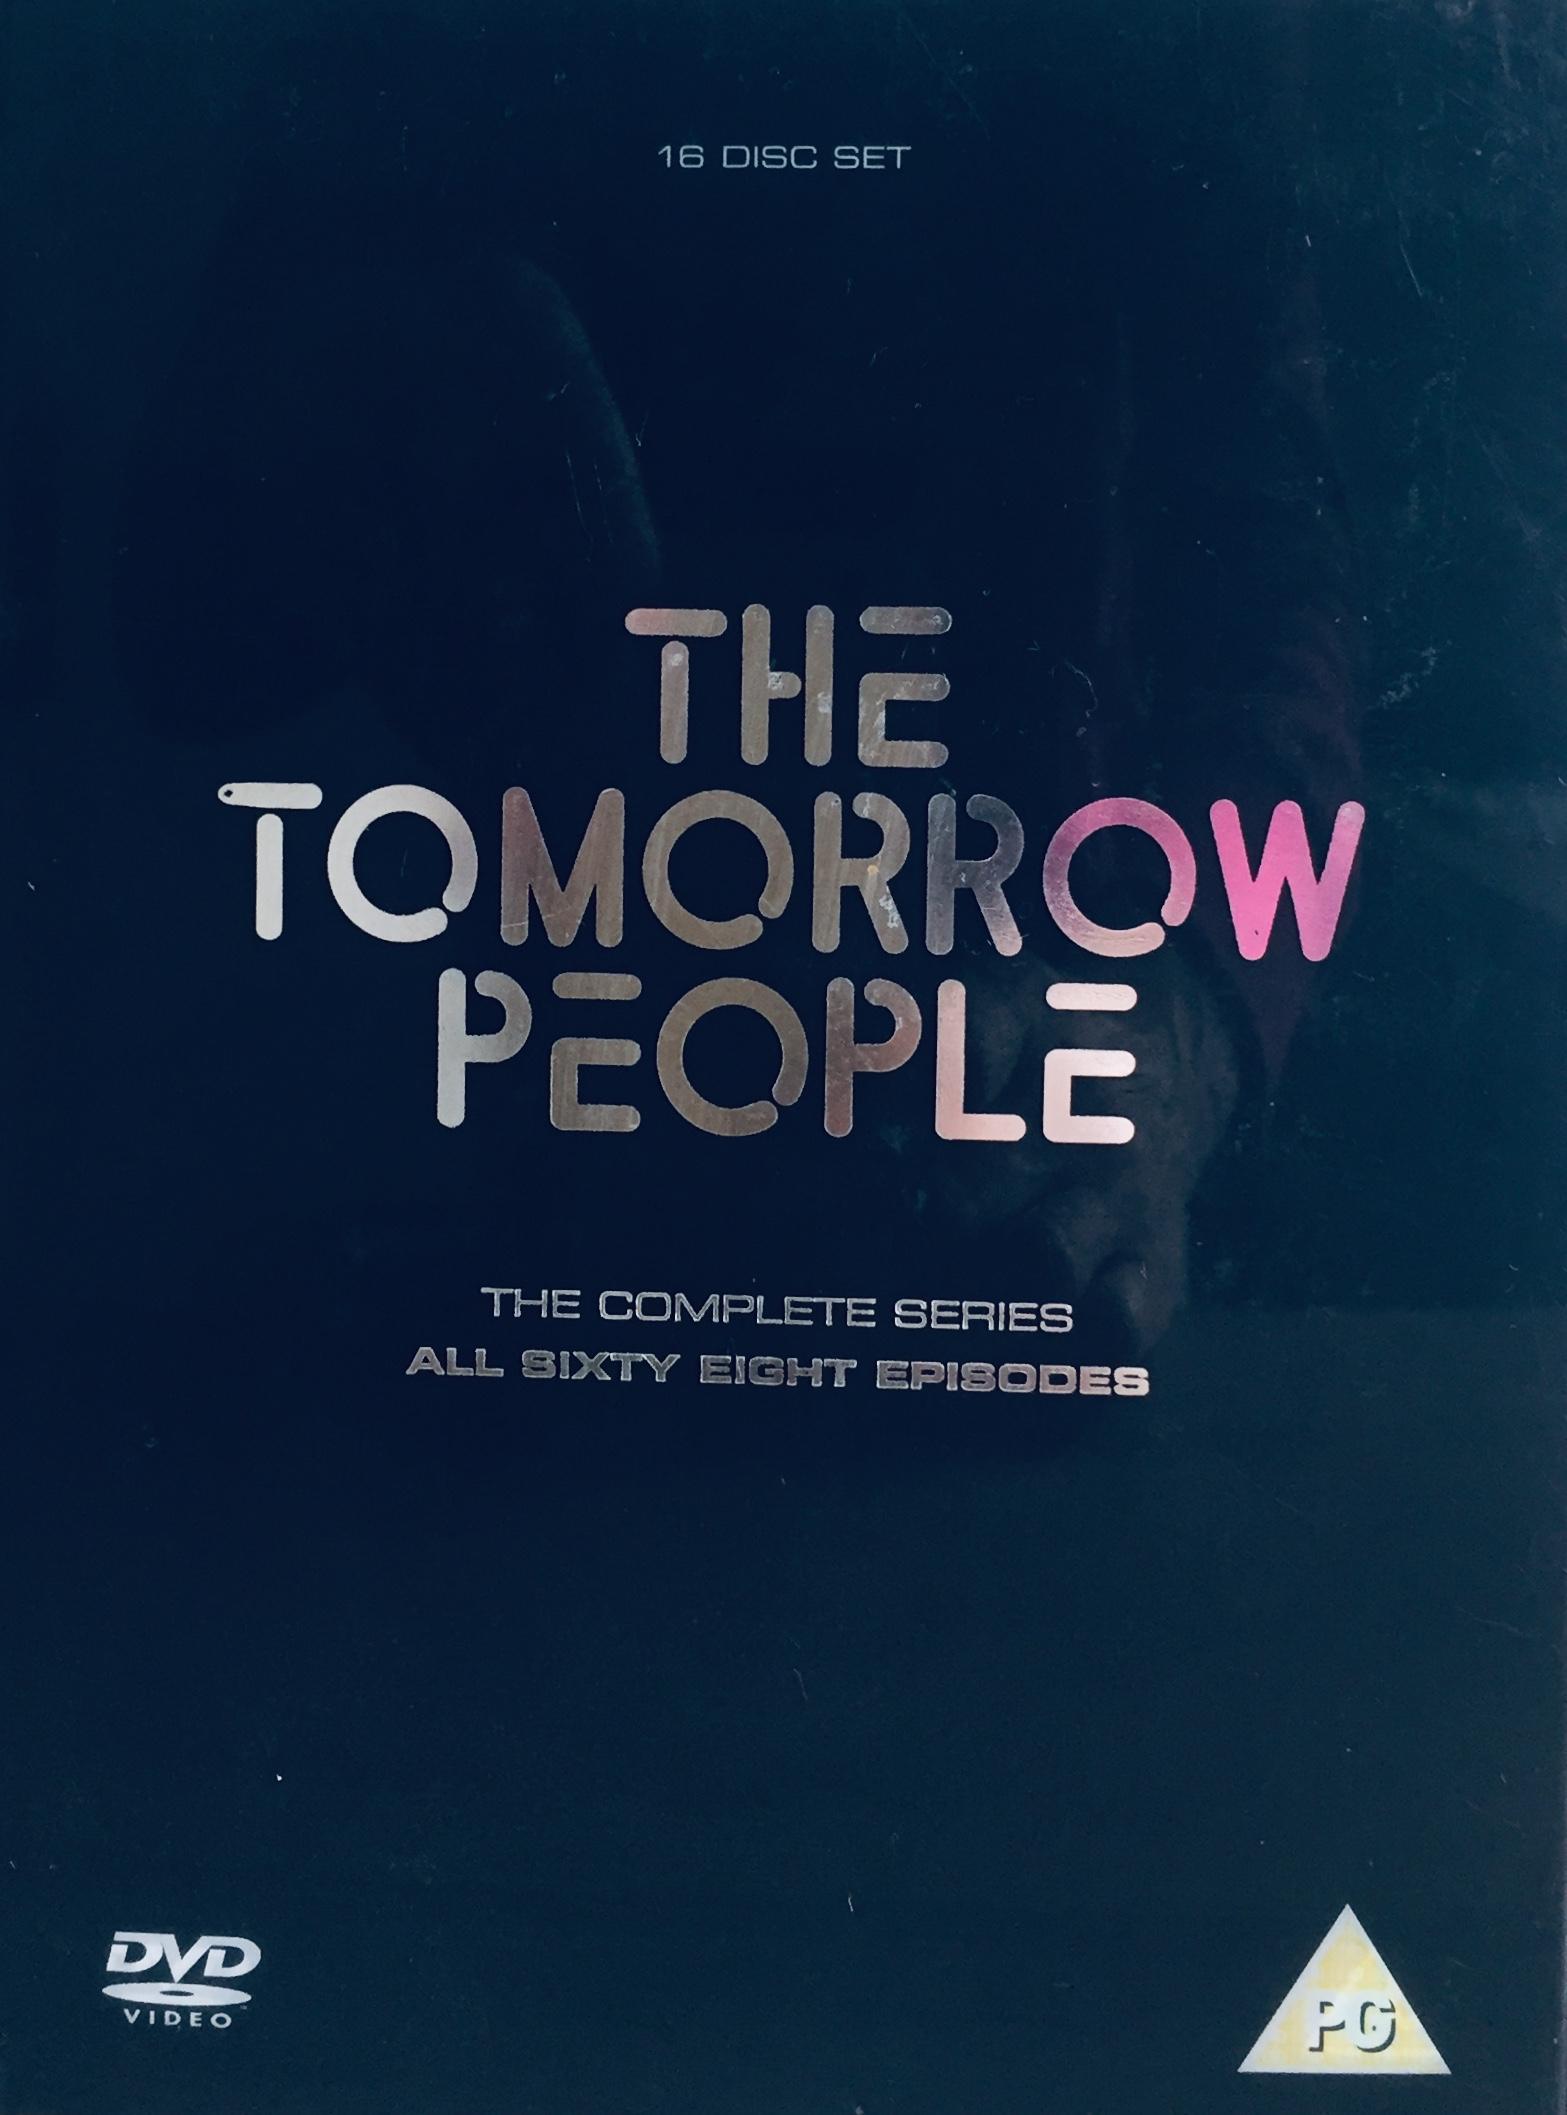 The Tomorrow People - The Complete Series - v originálním znění bez CZ titulků - 16xDVD /3xmulti digipack v šubru/